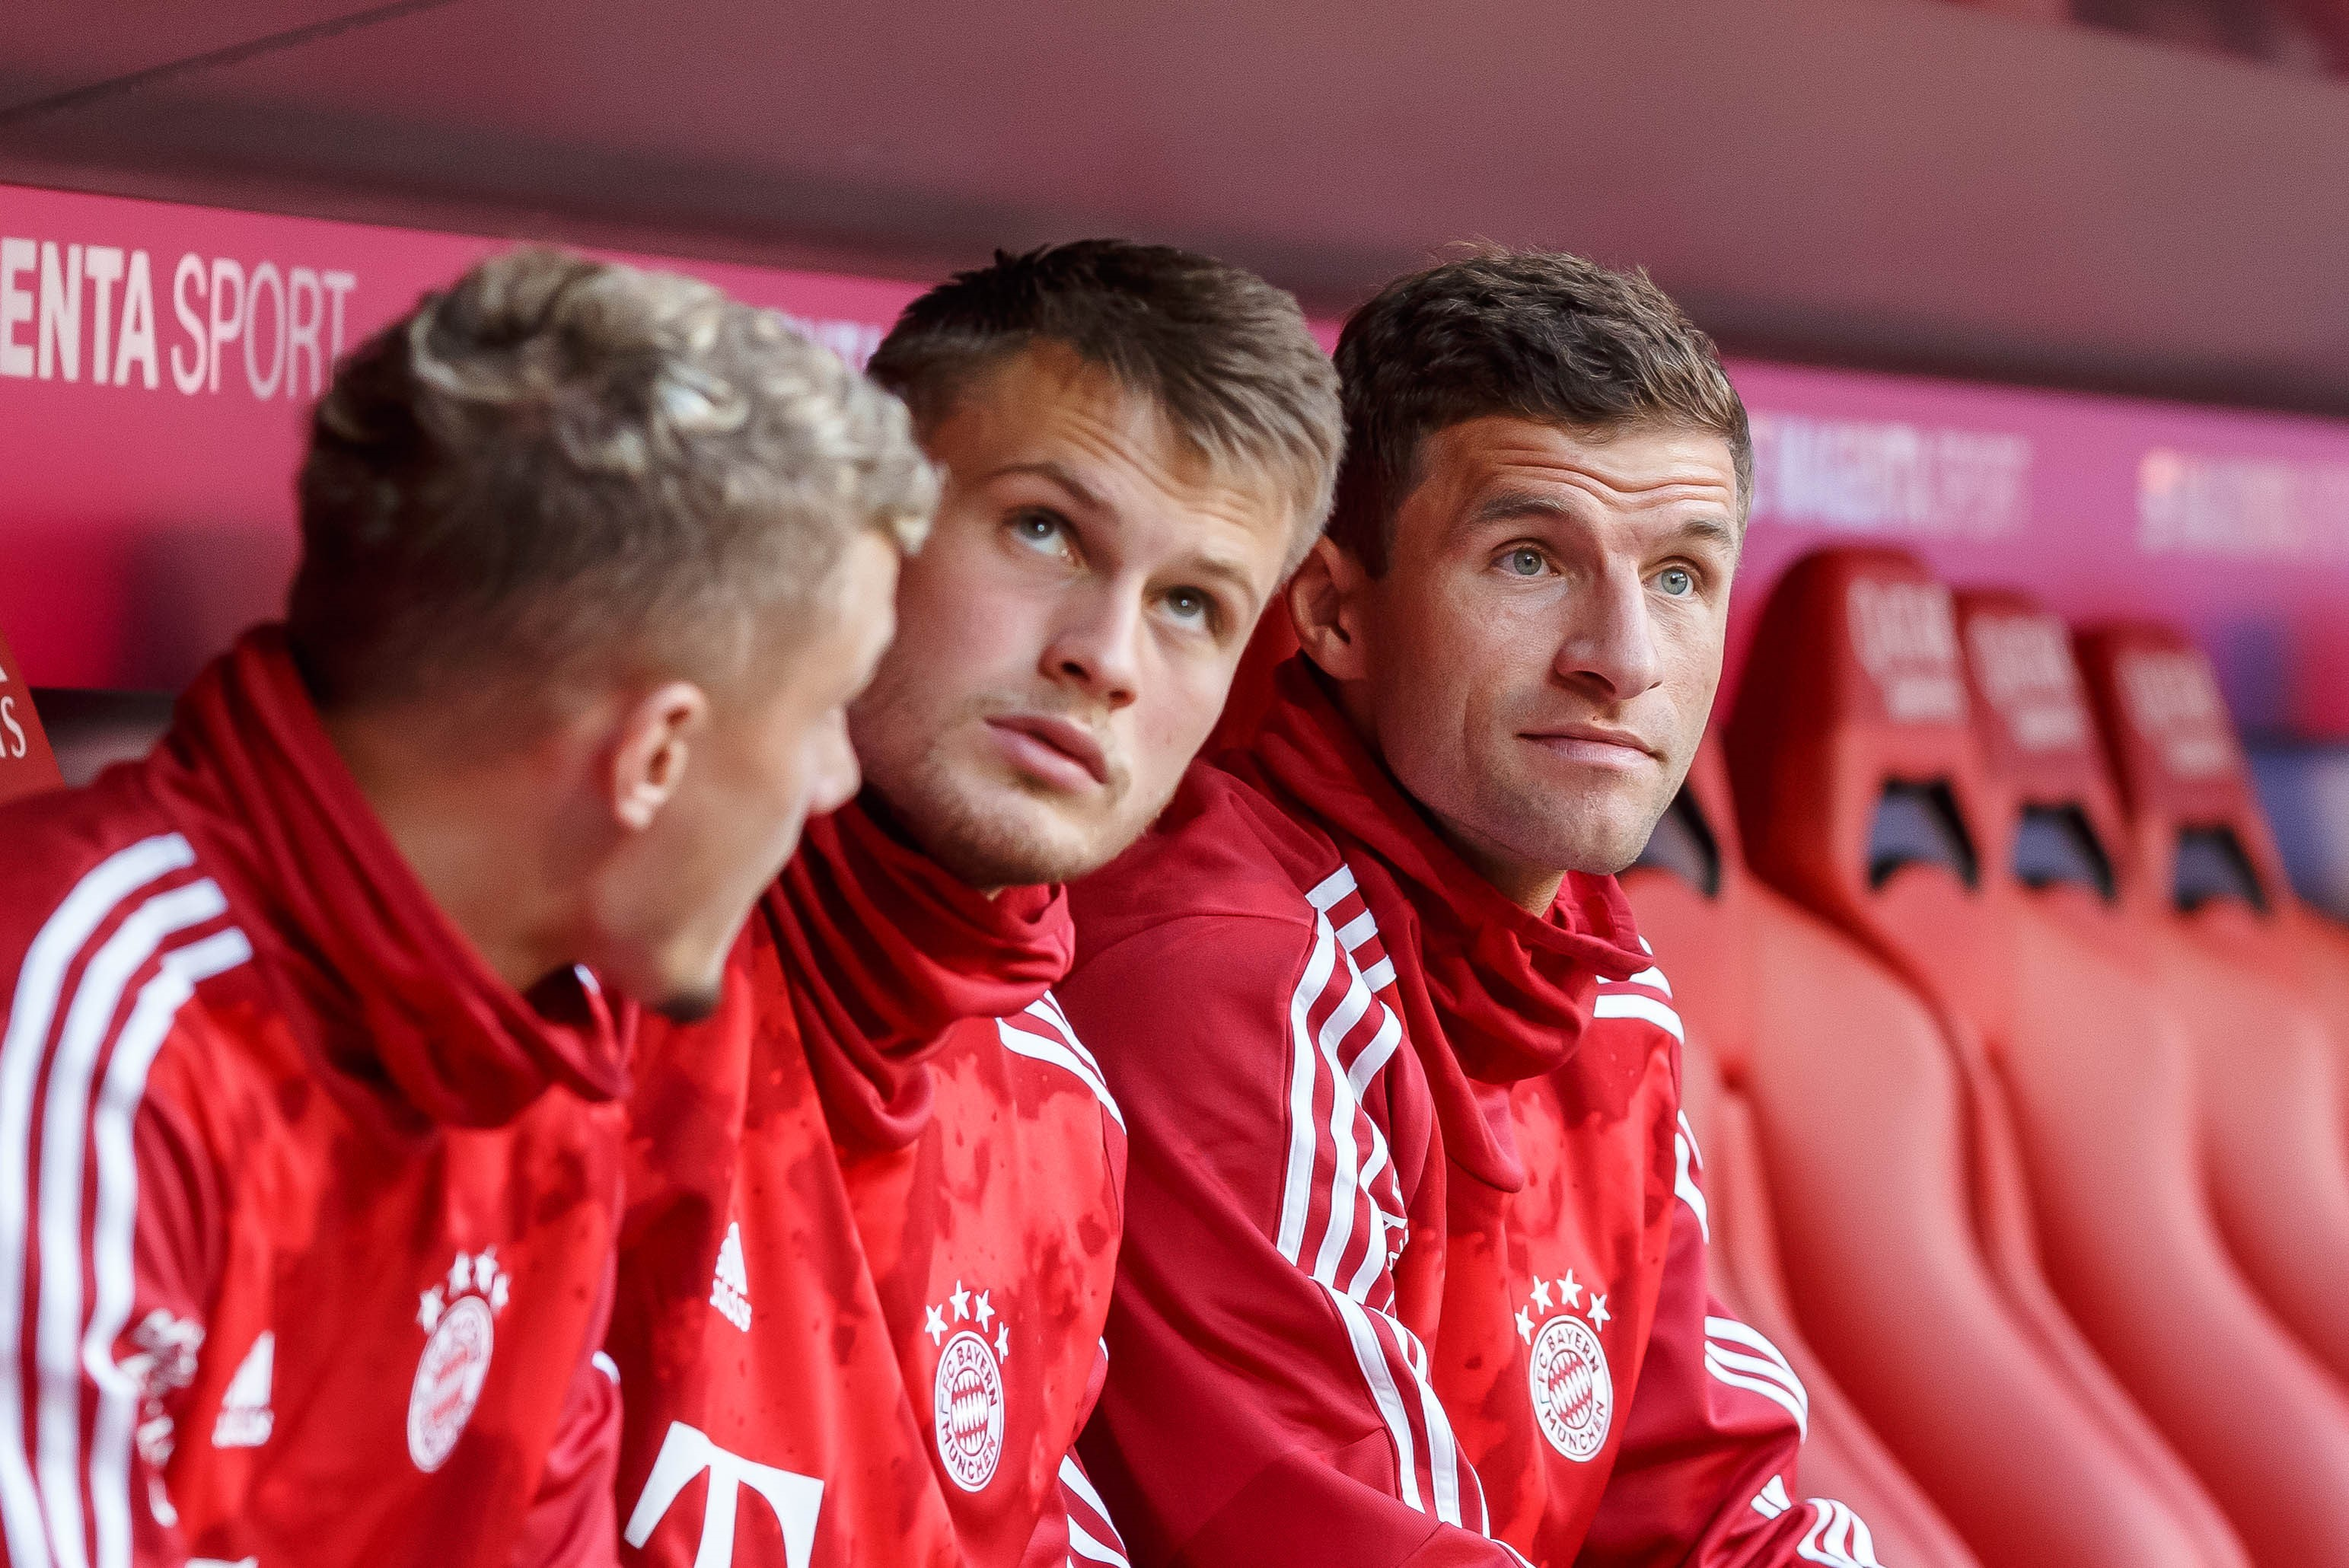 Thomas Müller (r.) auf der Bank des FC Bayern München